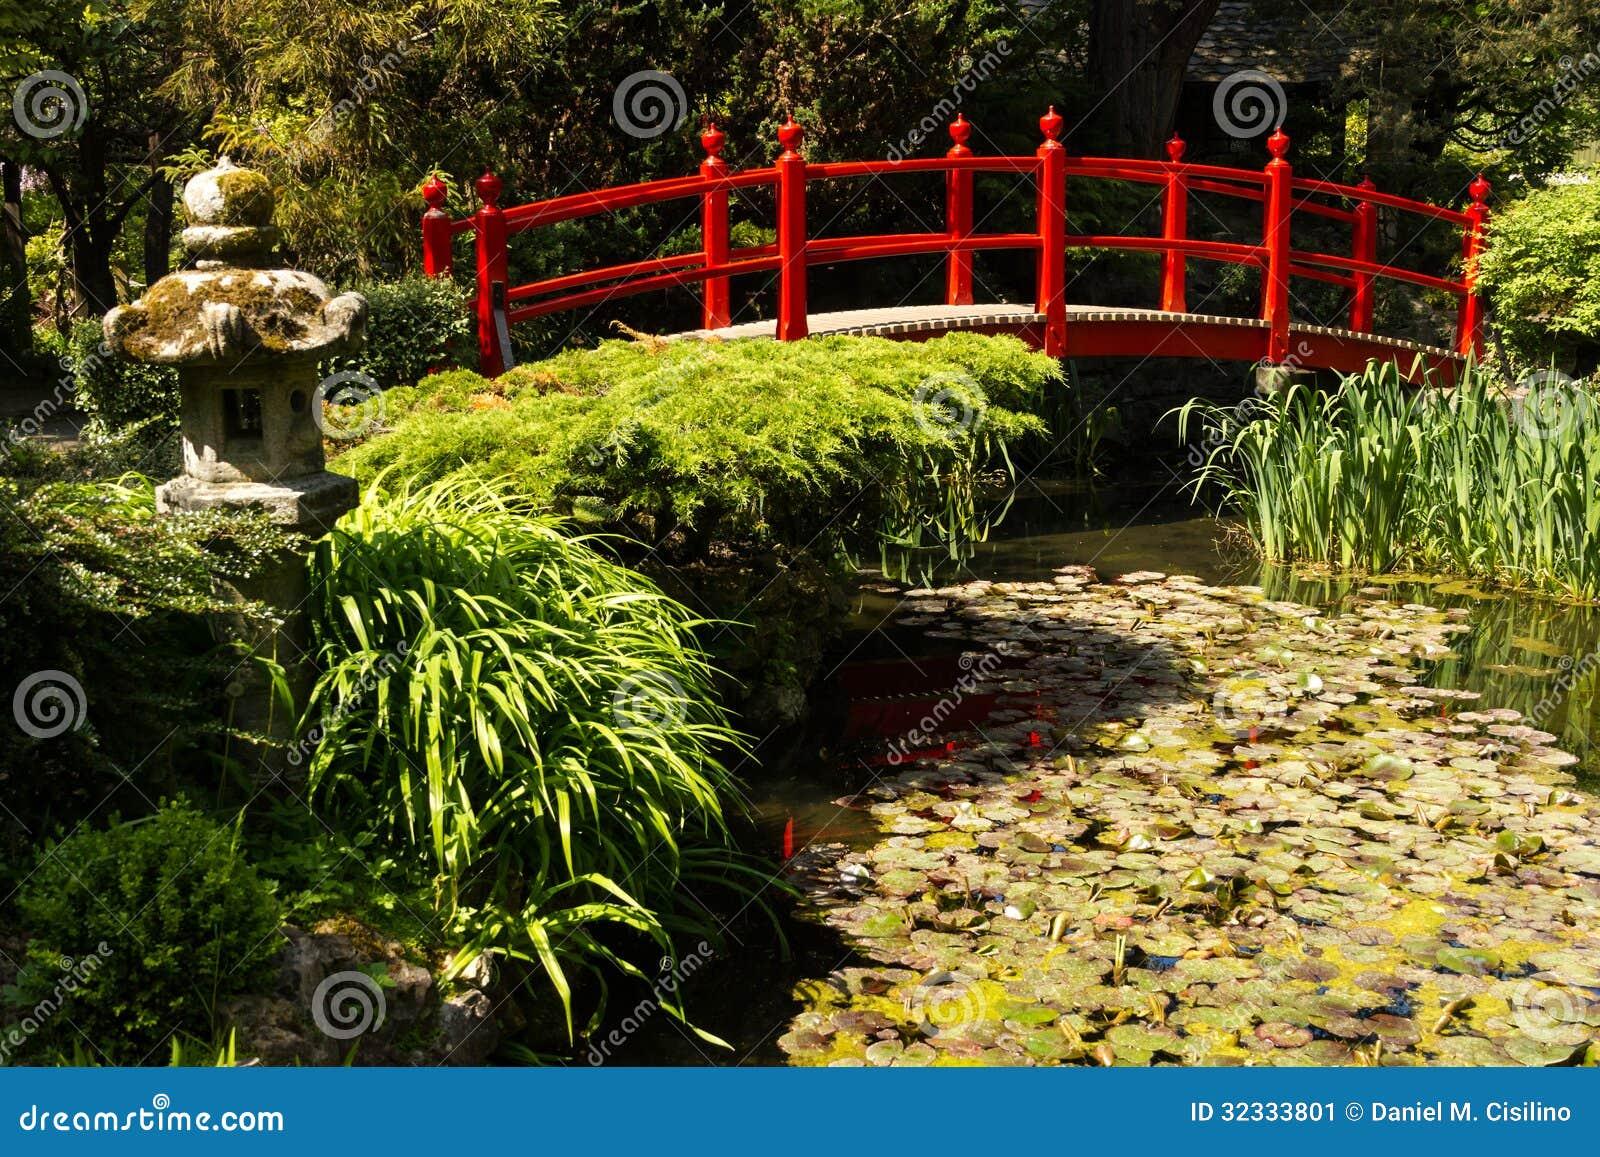 Rote Brücke. Die japanischen Gärten des irischen Hauptgestüts.  Kildare. Irland